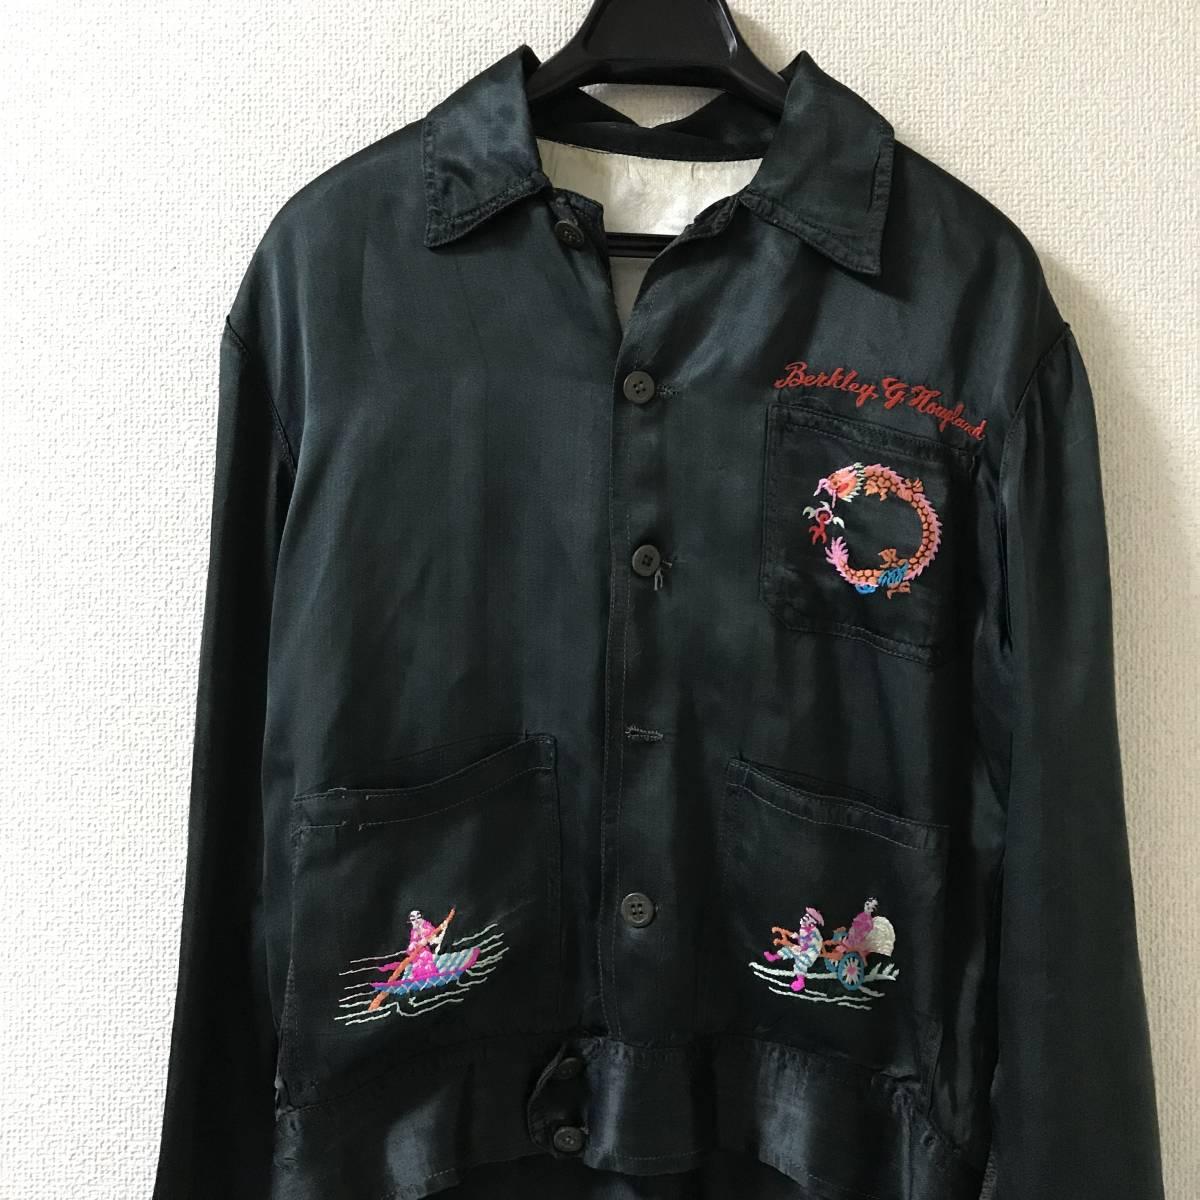 ビンテージ 40s スカジャン スーベニアジャケット チャイナドラゴン ww2 大戦 スカシャツ 東洋 アロハ sun surf army navy 米軍 40年代_画像4